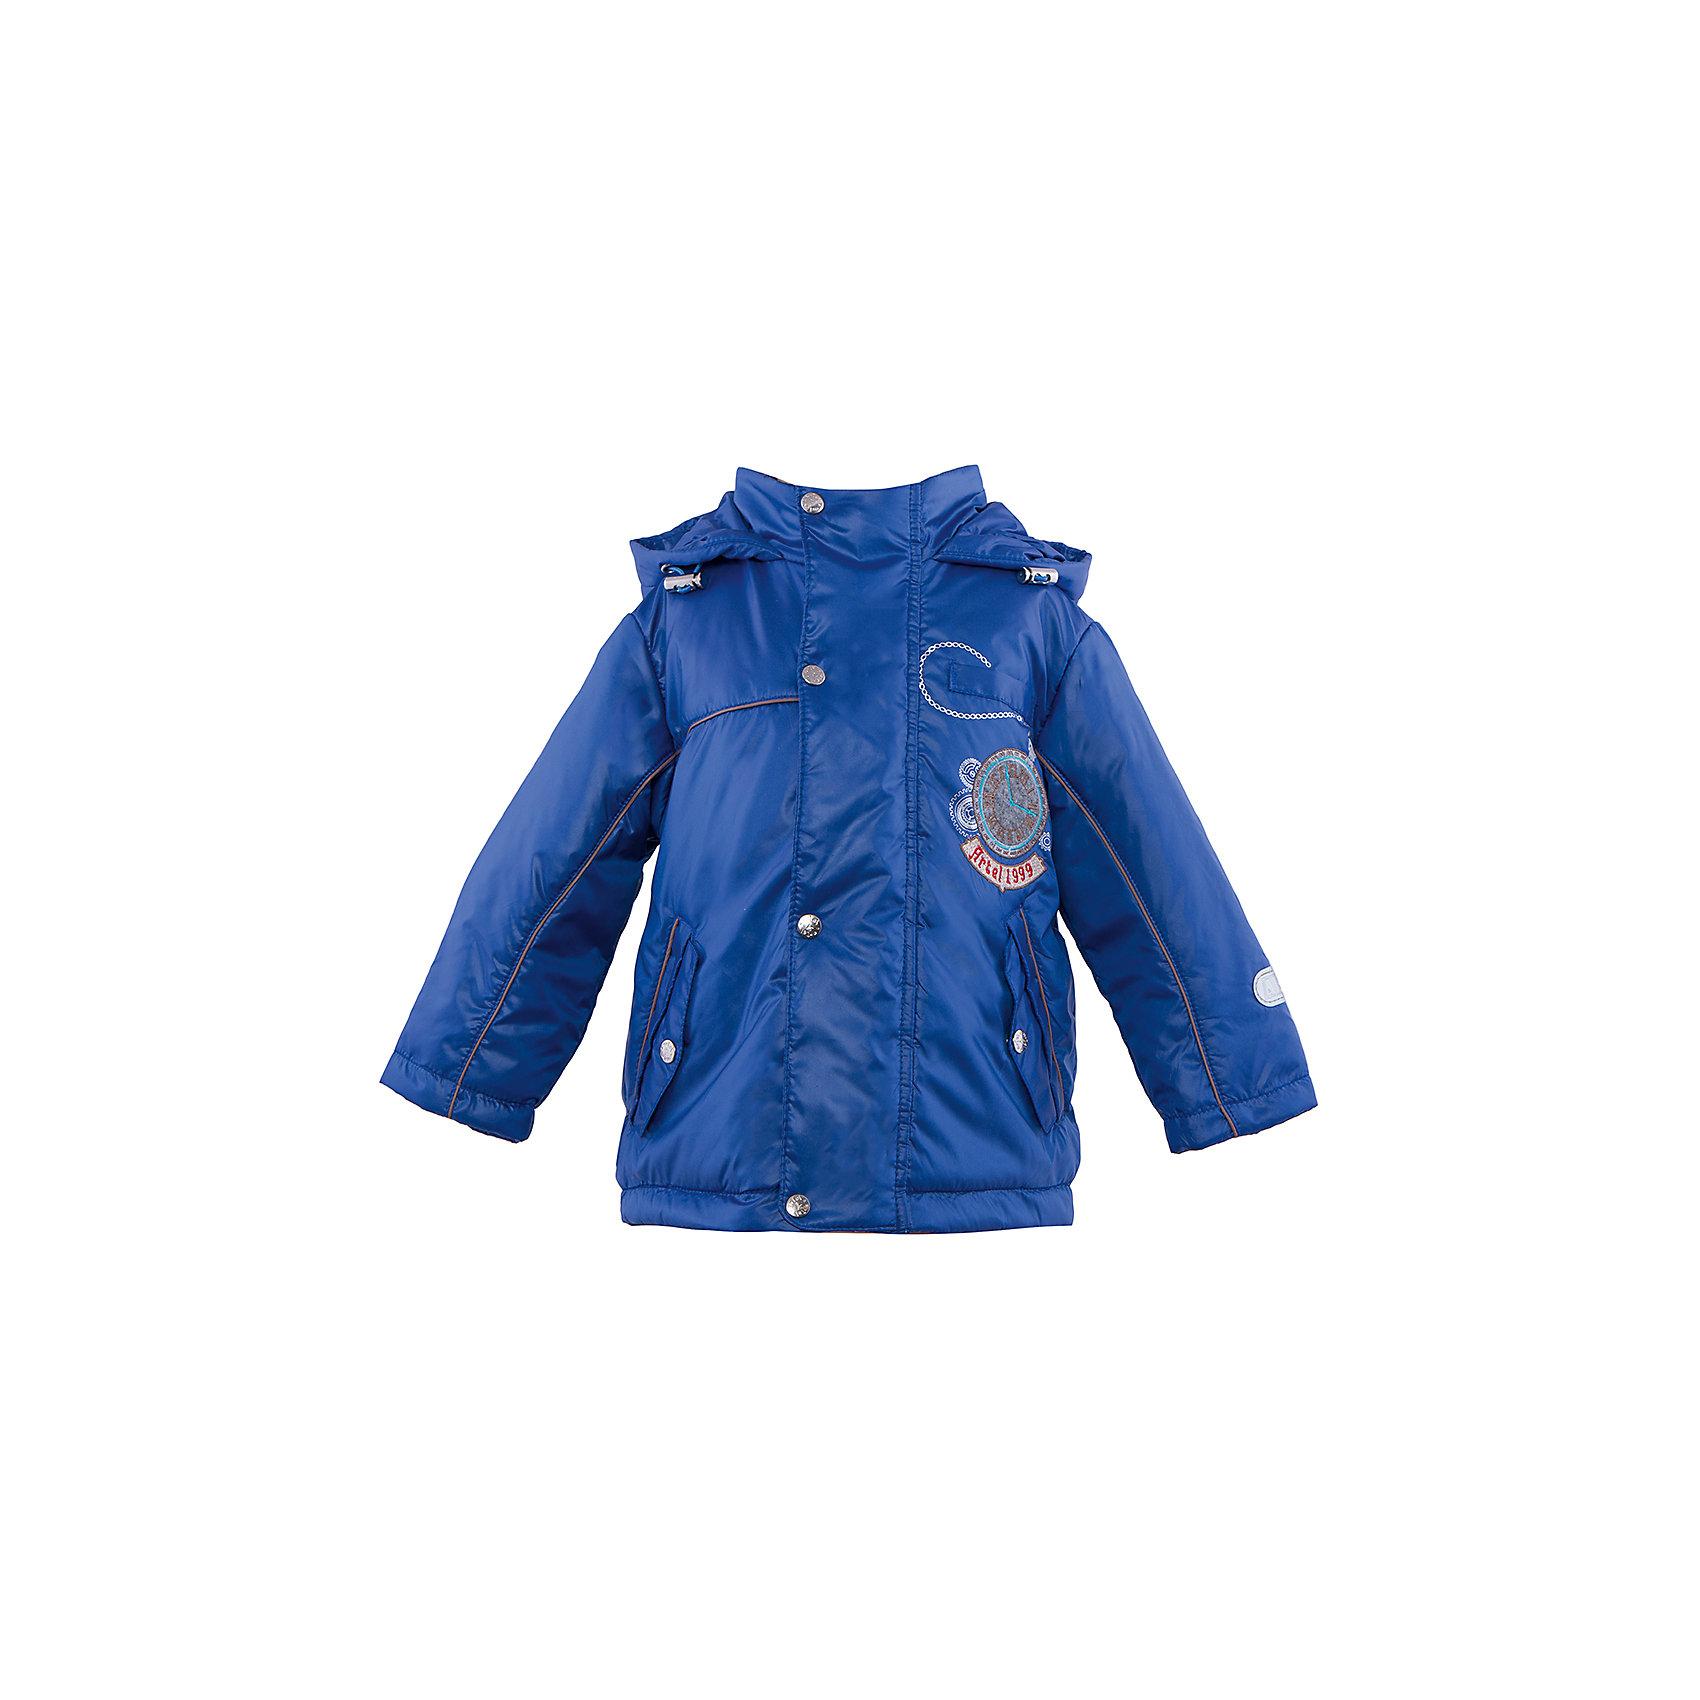 Куртка для мальчика АртельВерхняя одежда<br>Куртка для мальчика от торговой марки Артель &#13;<br>&#13;<br>Стильная утепленная куртка позволит ребенку чувствовать себя комфортно даже в холодную погоду. Сделана она из качественных материалов, поэтому может прослужить не один сезон. Практичная и удобная вещь.<br>Одежда от бренда Артель – это высокое качество по приемлемой цене и всегда продуманный дизайн. &#13;<br>&#13;<br>Особенности модели: &#13;<br>- цвет - синий;&#13;<br>- наличие карманов;&#13;<br>- капюшон;<br>- утеплитель;&#13;<br>- украшена вышивкой;&#13;<br>- застежка-молния, ветрозащитный клапан на кнопках.&#13;<br>&#13;<br>Дополнительная информация:&#13;<br>&#13;<br>Состав: &#13;<br>- верх: FITSYSTEM;<br>- подкладка: тиси;<br>- утеплитель: термофайбер 100 г<br>&#13;<br>Температурный режим: &#13;<br>от - 10 °C до + 10 °C&#13;<br>&#13;<br>Куртку для мальчика Артель (Artel) можно купить в нашем магазине.<br><br>Ширина мм: 356<br>Глубина мм: 10<br>Высота мм: 245<br>Вес г: 519<br>Цвет: синий<br>Возраст от месяцев: 24<br>Возраст до месяцев: 36<br>Пол: Мужской<br>Возраст: Детский<br>Размер: 98,86,92,80<br>SKU: 4496274